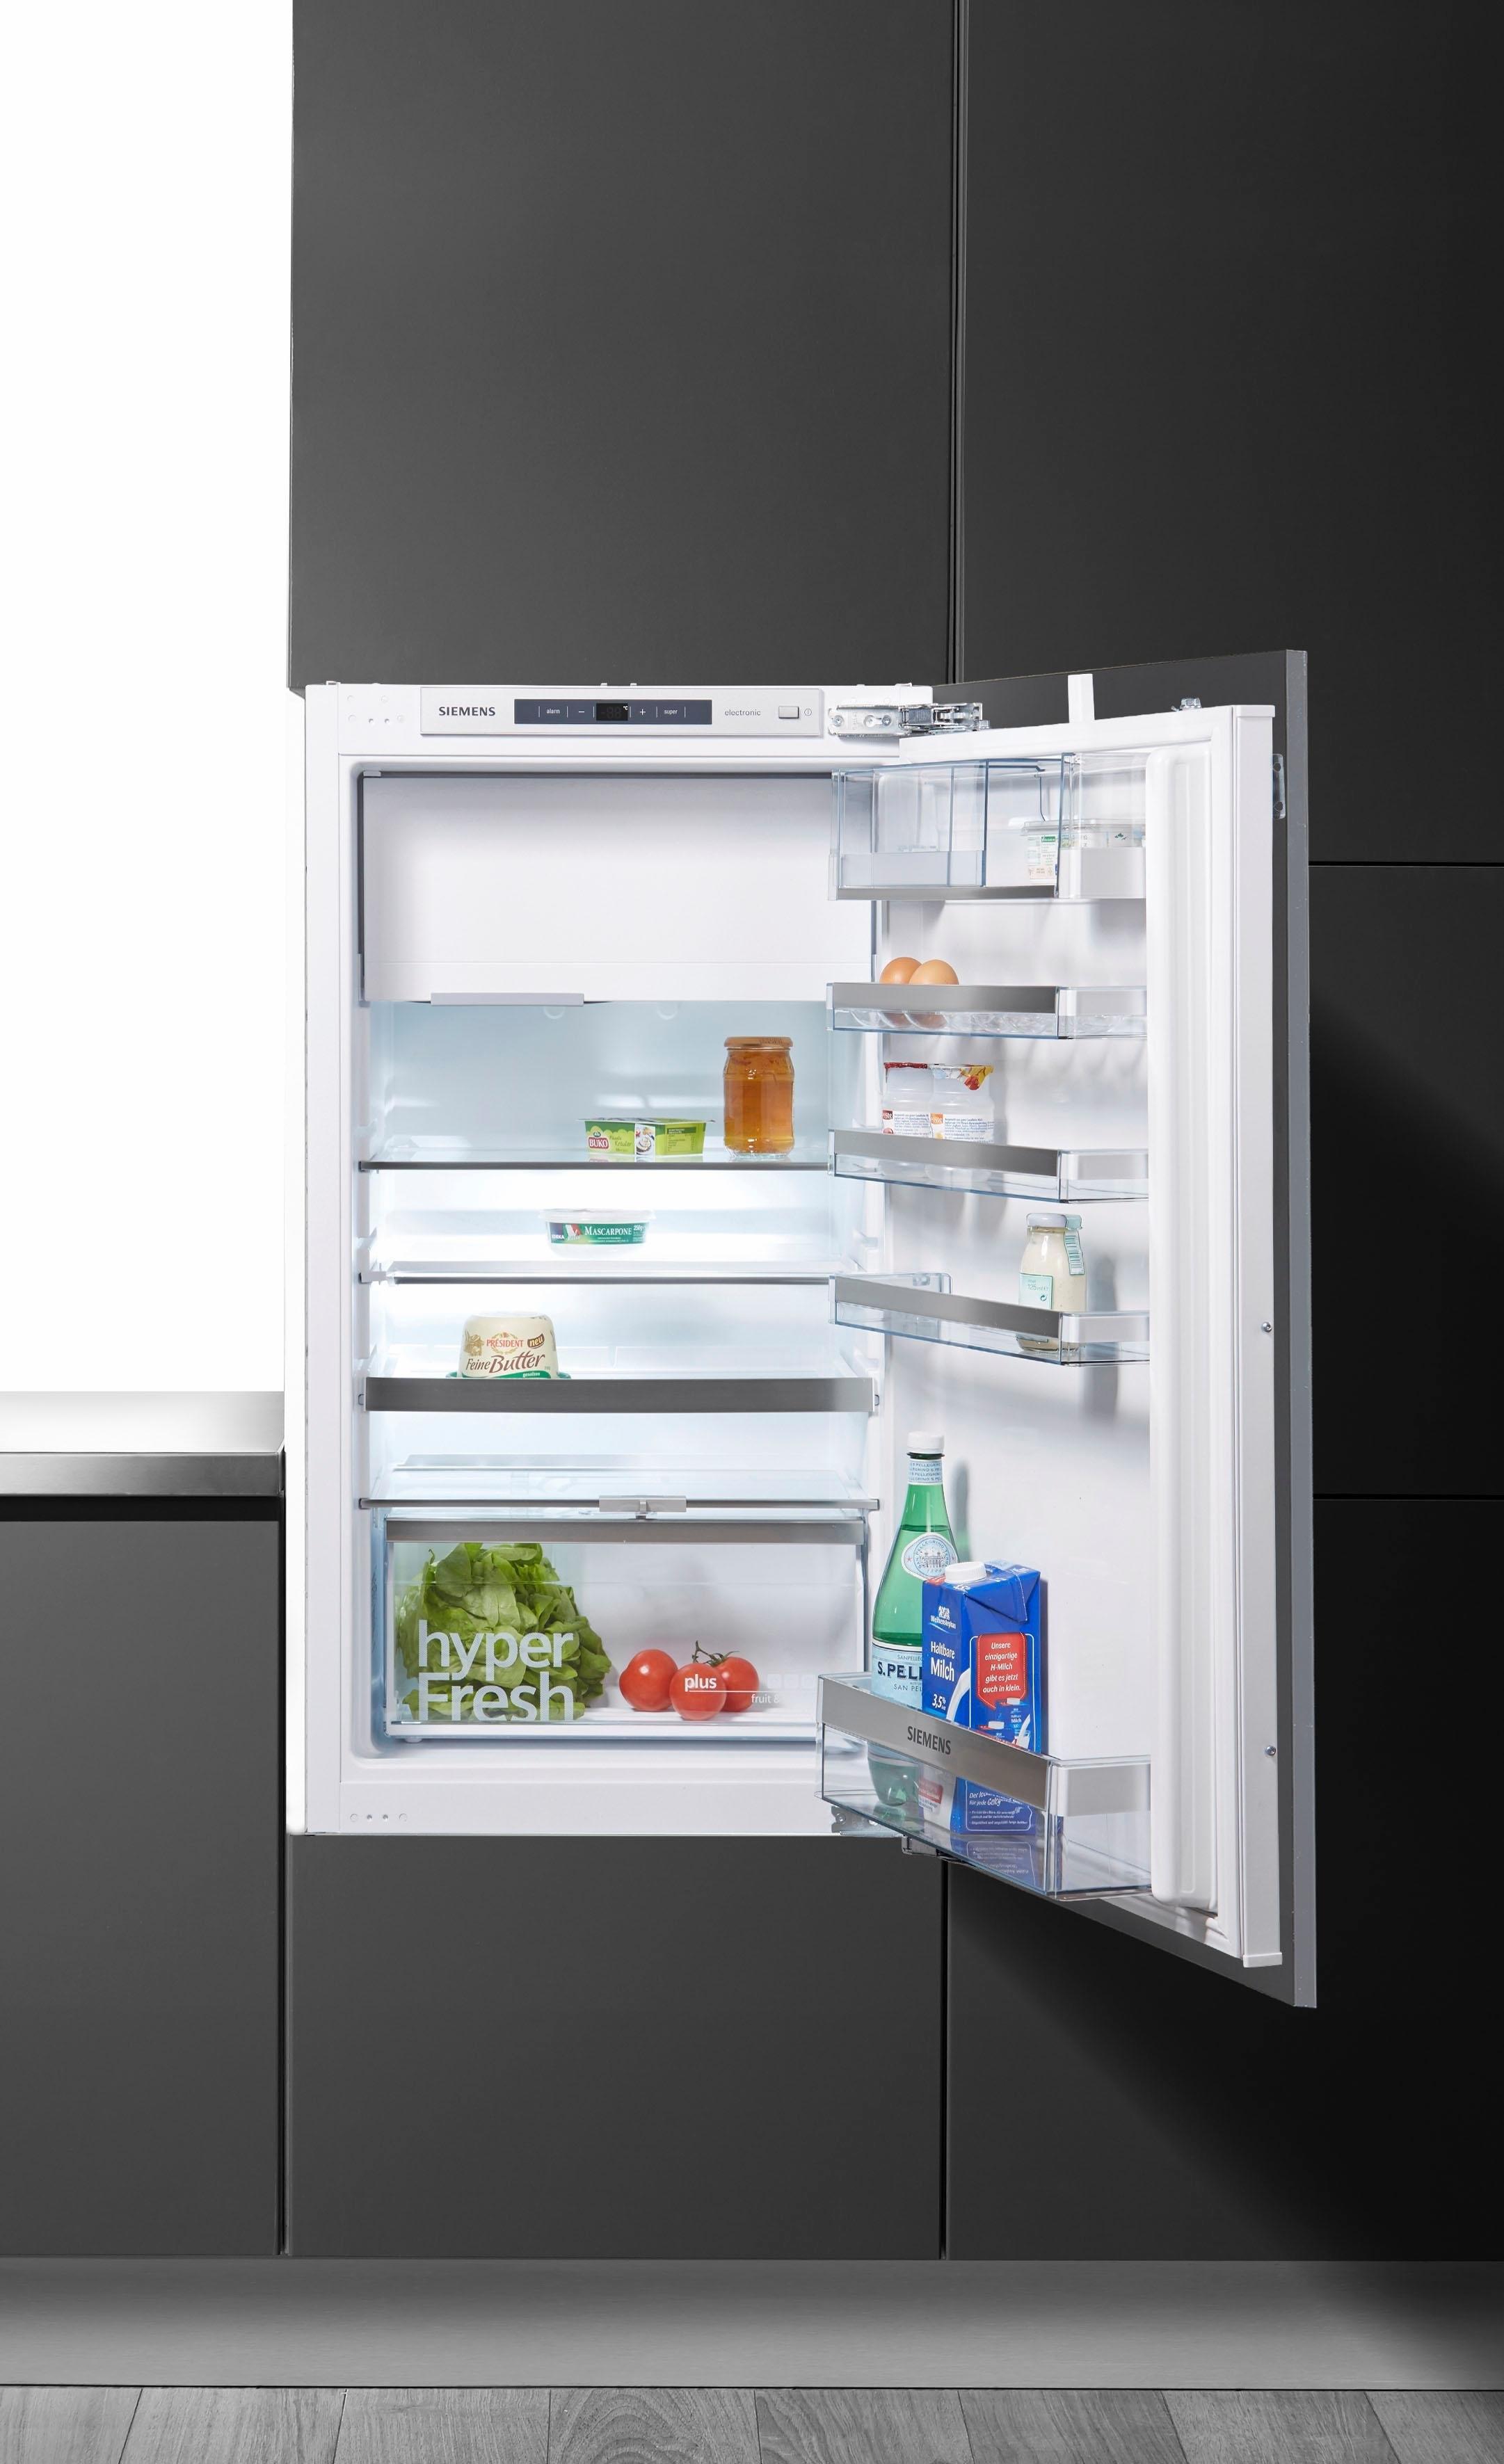 SIEMENS inbouwkoelkast KI32LAD30, energieklasse A++, 102,1 cm hoog voordelig en veilig online kopen